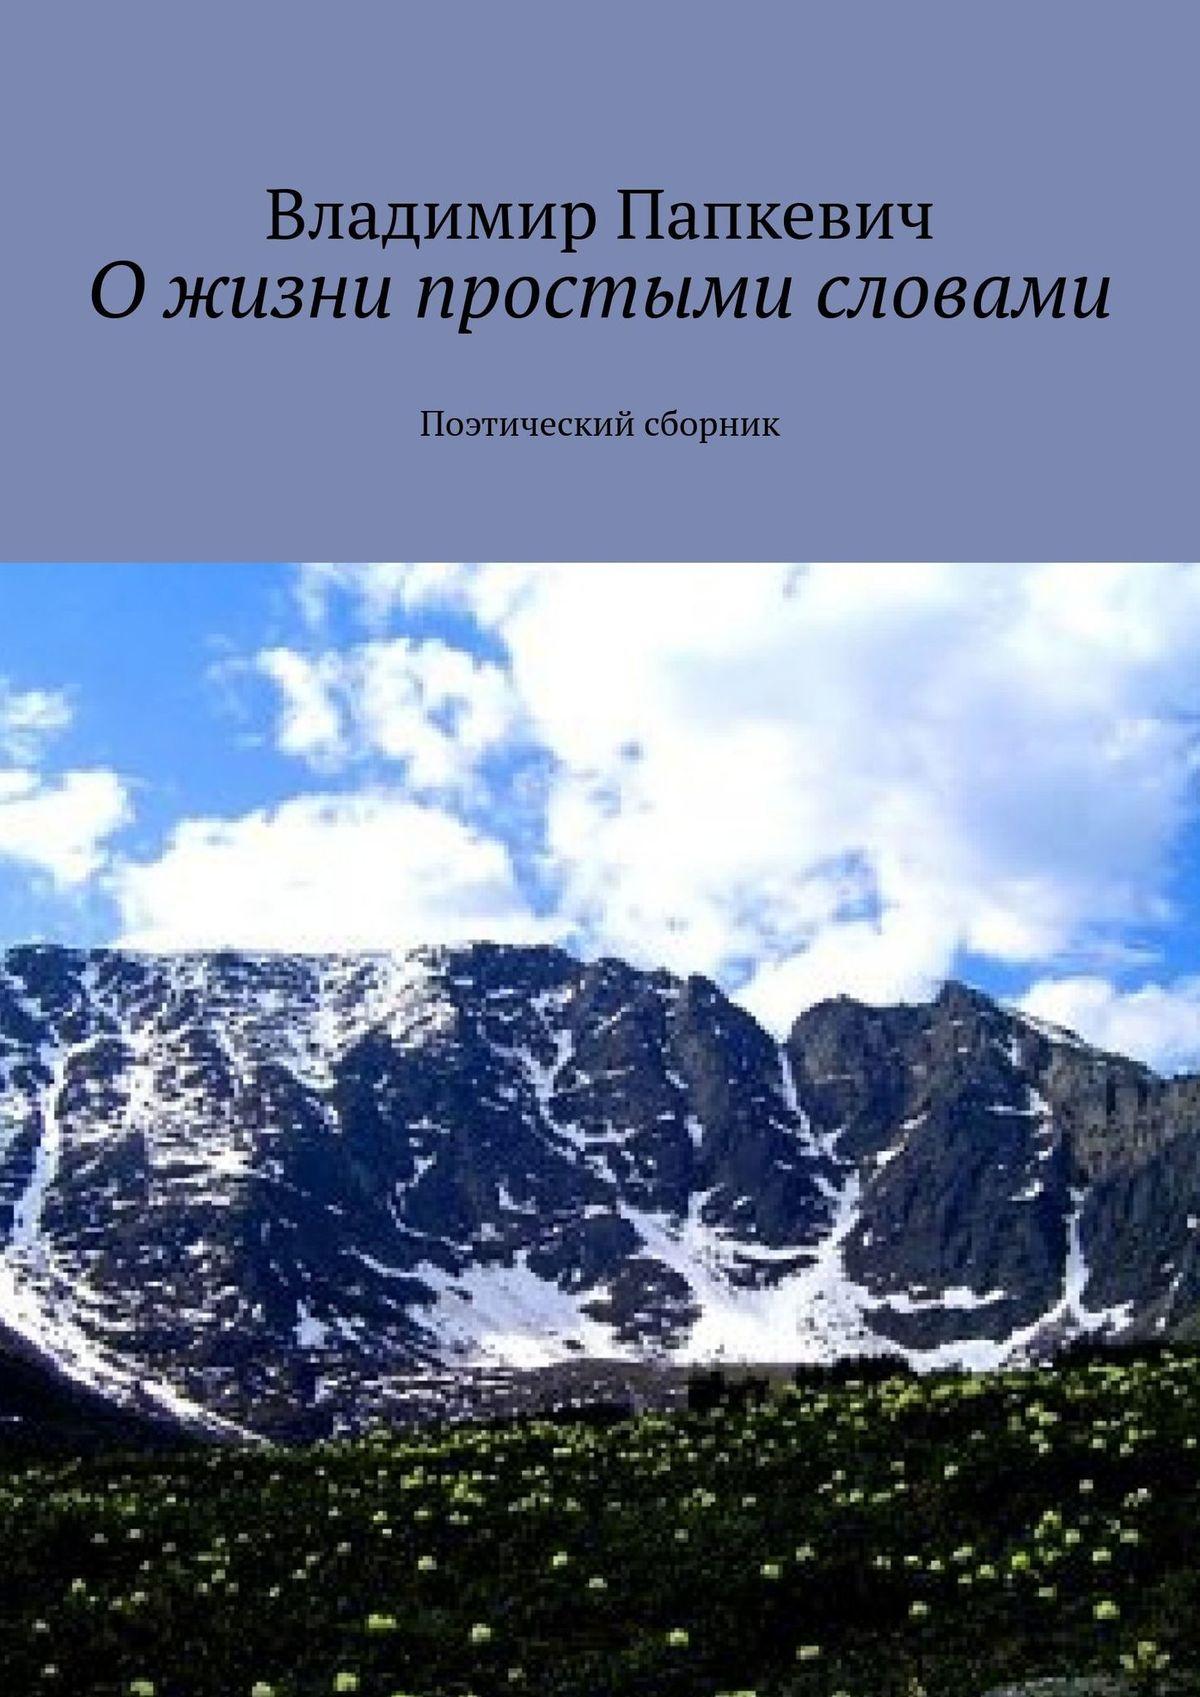 Владимир Папкевич Ожизни простыми словами. Поэтический сборник медицина и здоровье простыми словами